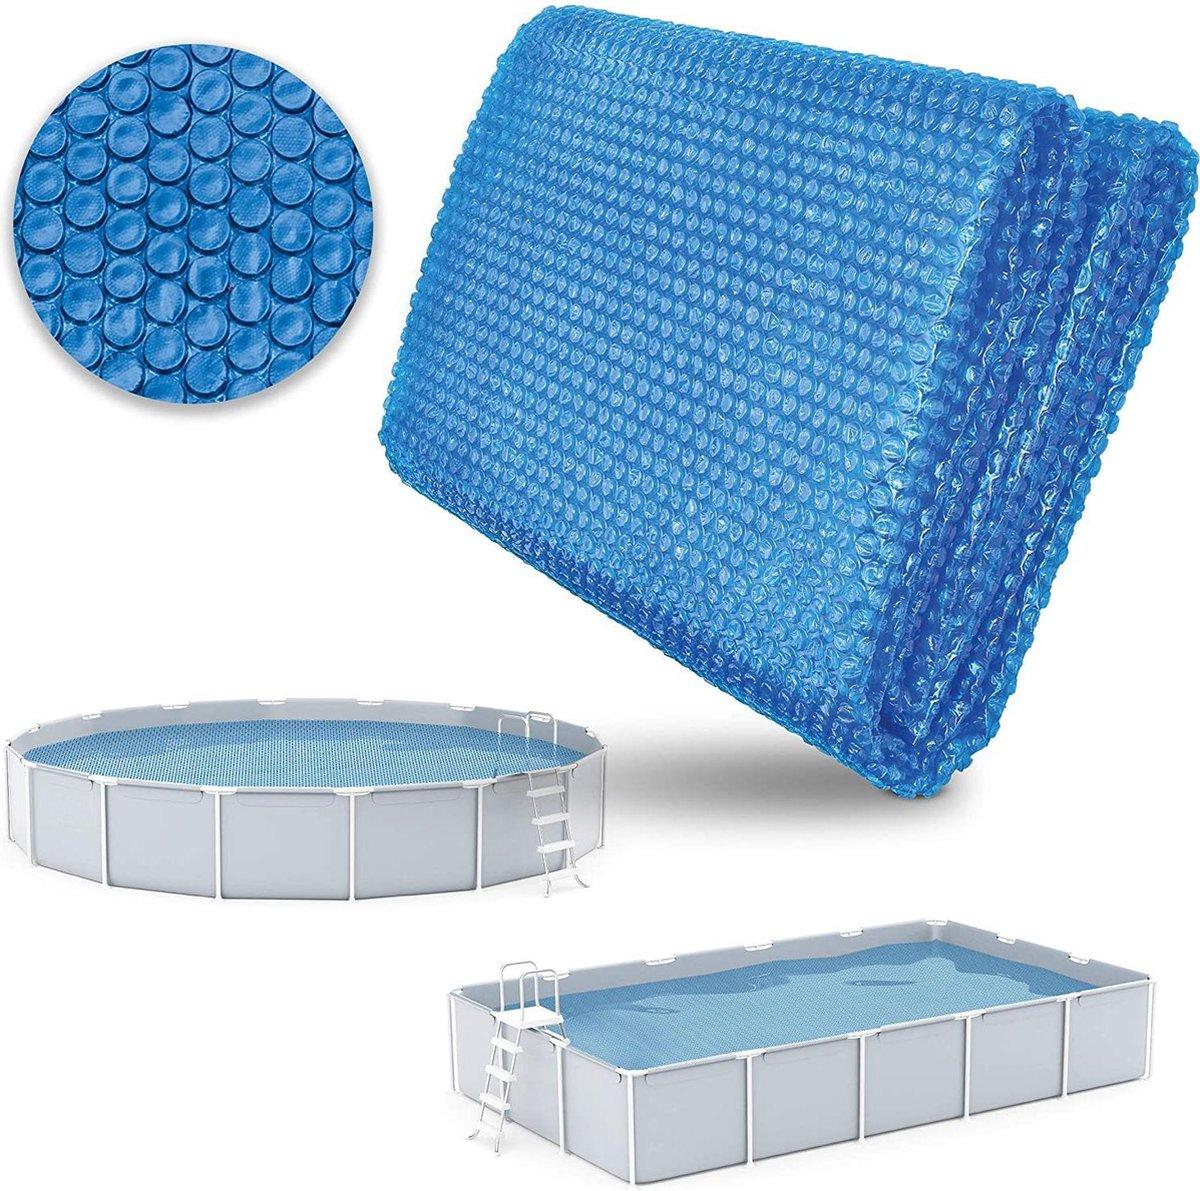 Sens Design Afdekzeil Zwembad - Zwembadzeil - solar - rond - Ø 305cm